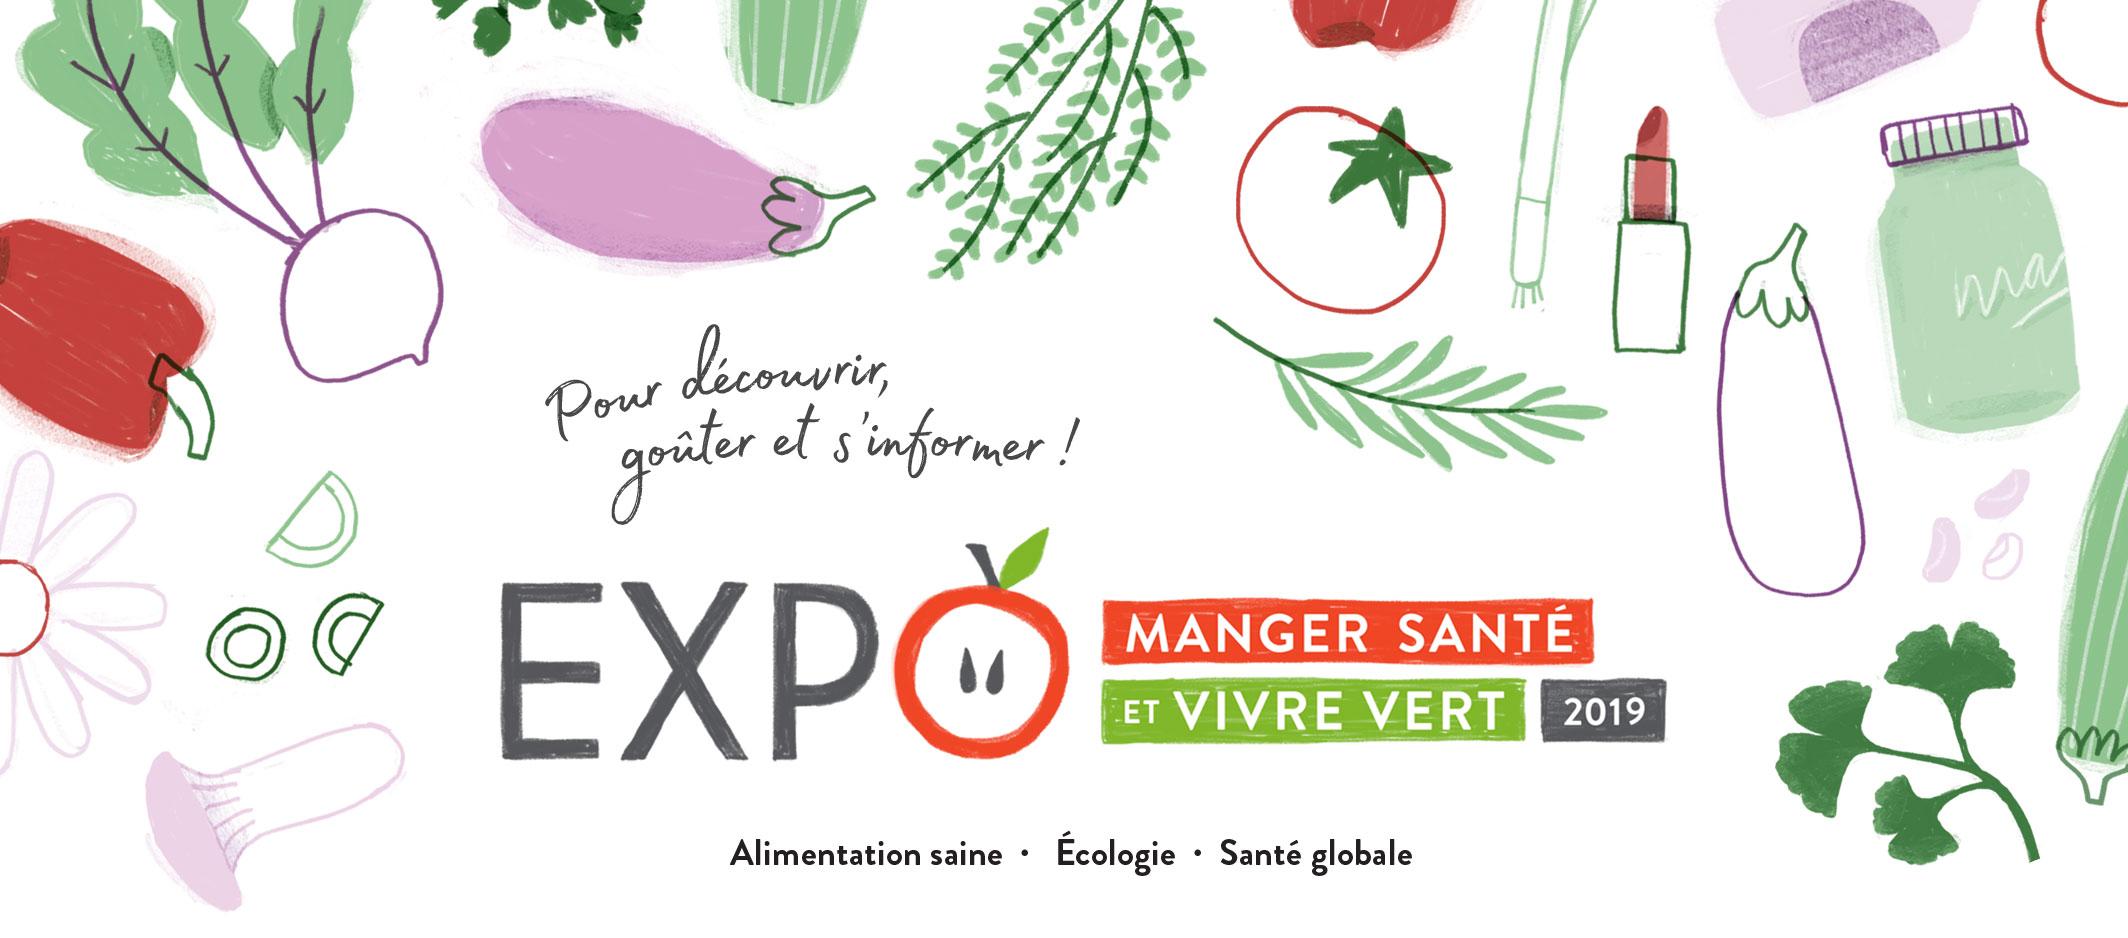 Expo manger santé et vivre vert 2019 Renée Frappier